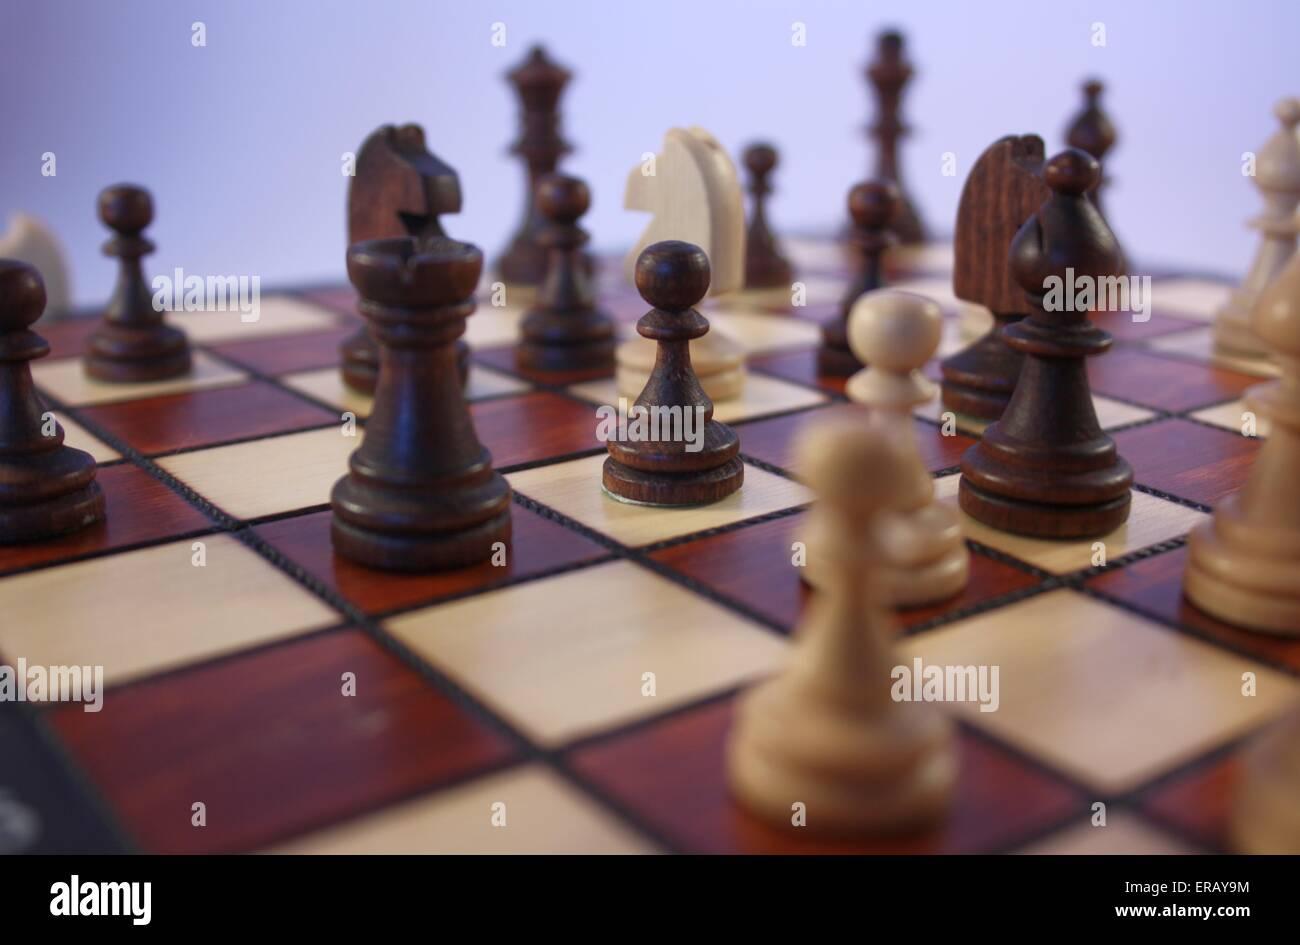 Jeu d'échecs. Pièces d'échecs sur un échiquier Banque D'Images